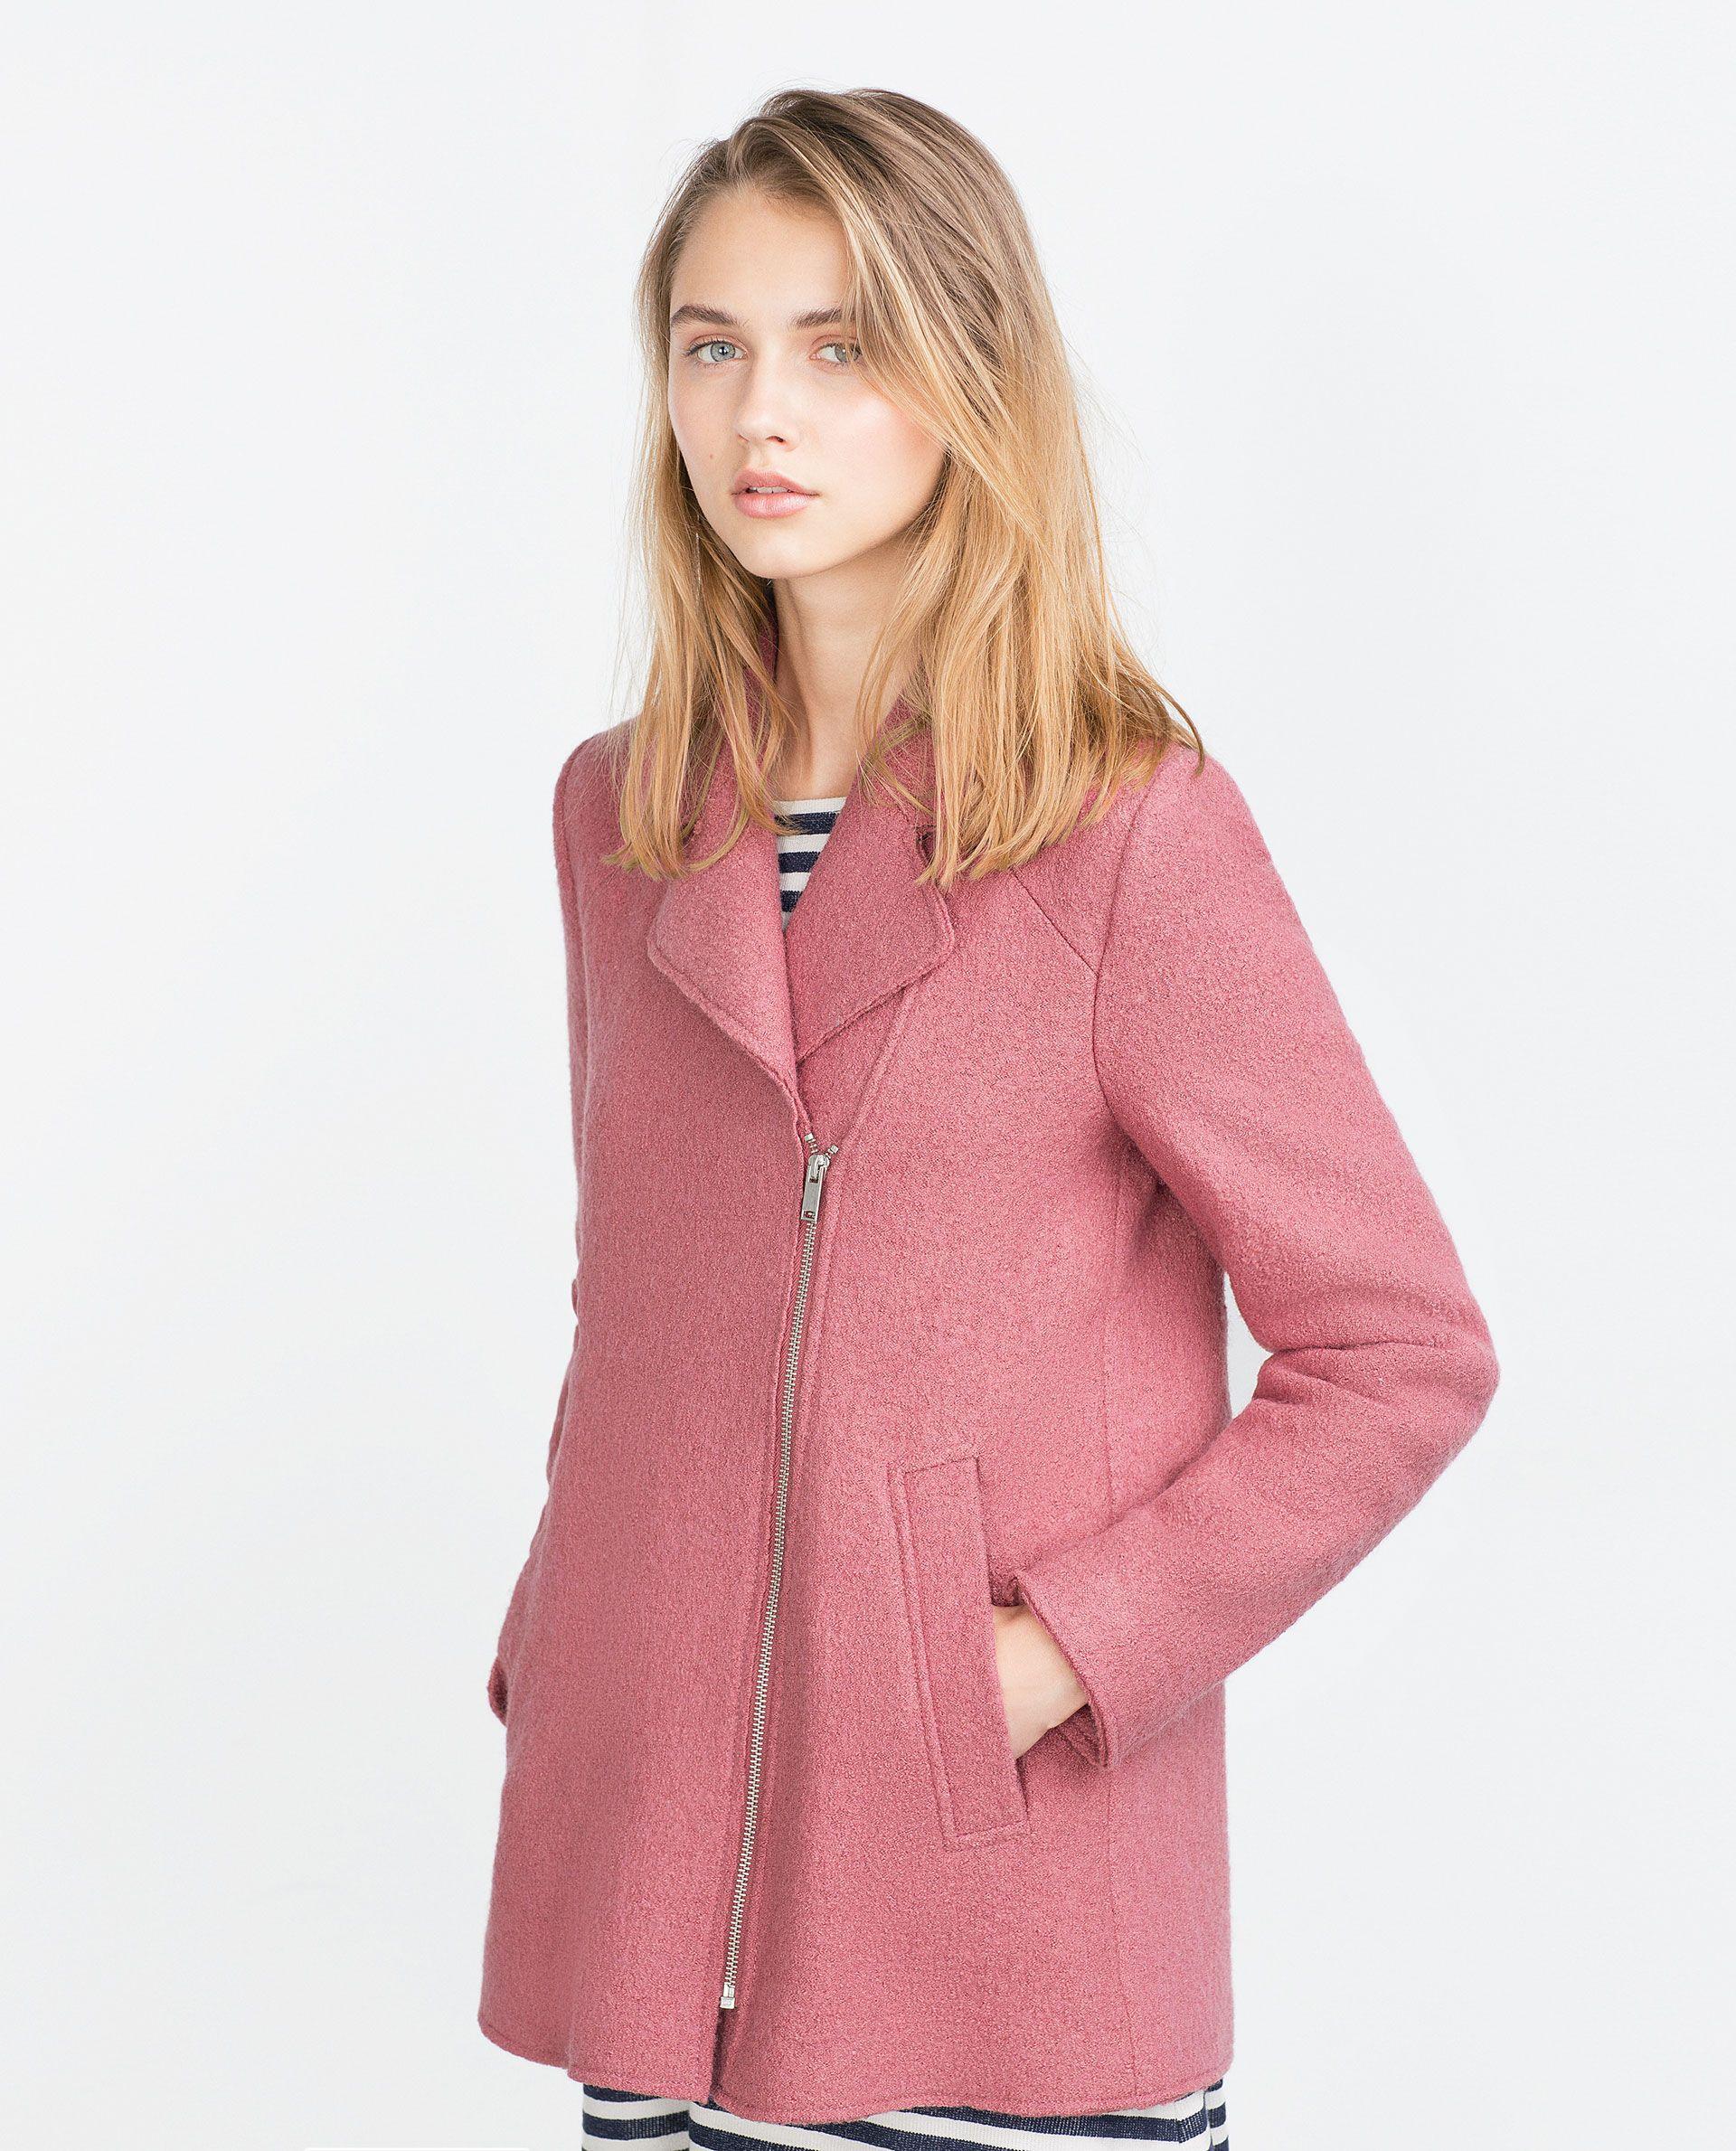 2fa5bb348bb0f Zara Zara Abrigos Closet Abrigo Solapas A España Mujer w6z8nt1qg